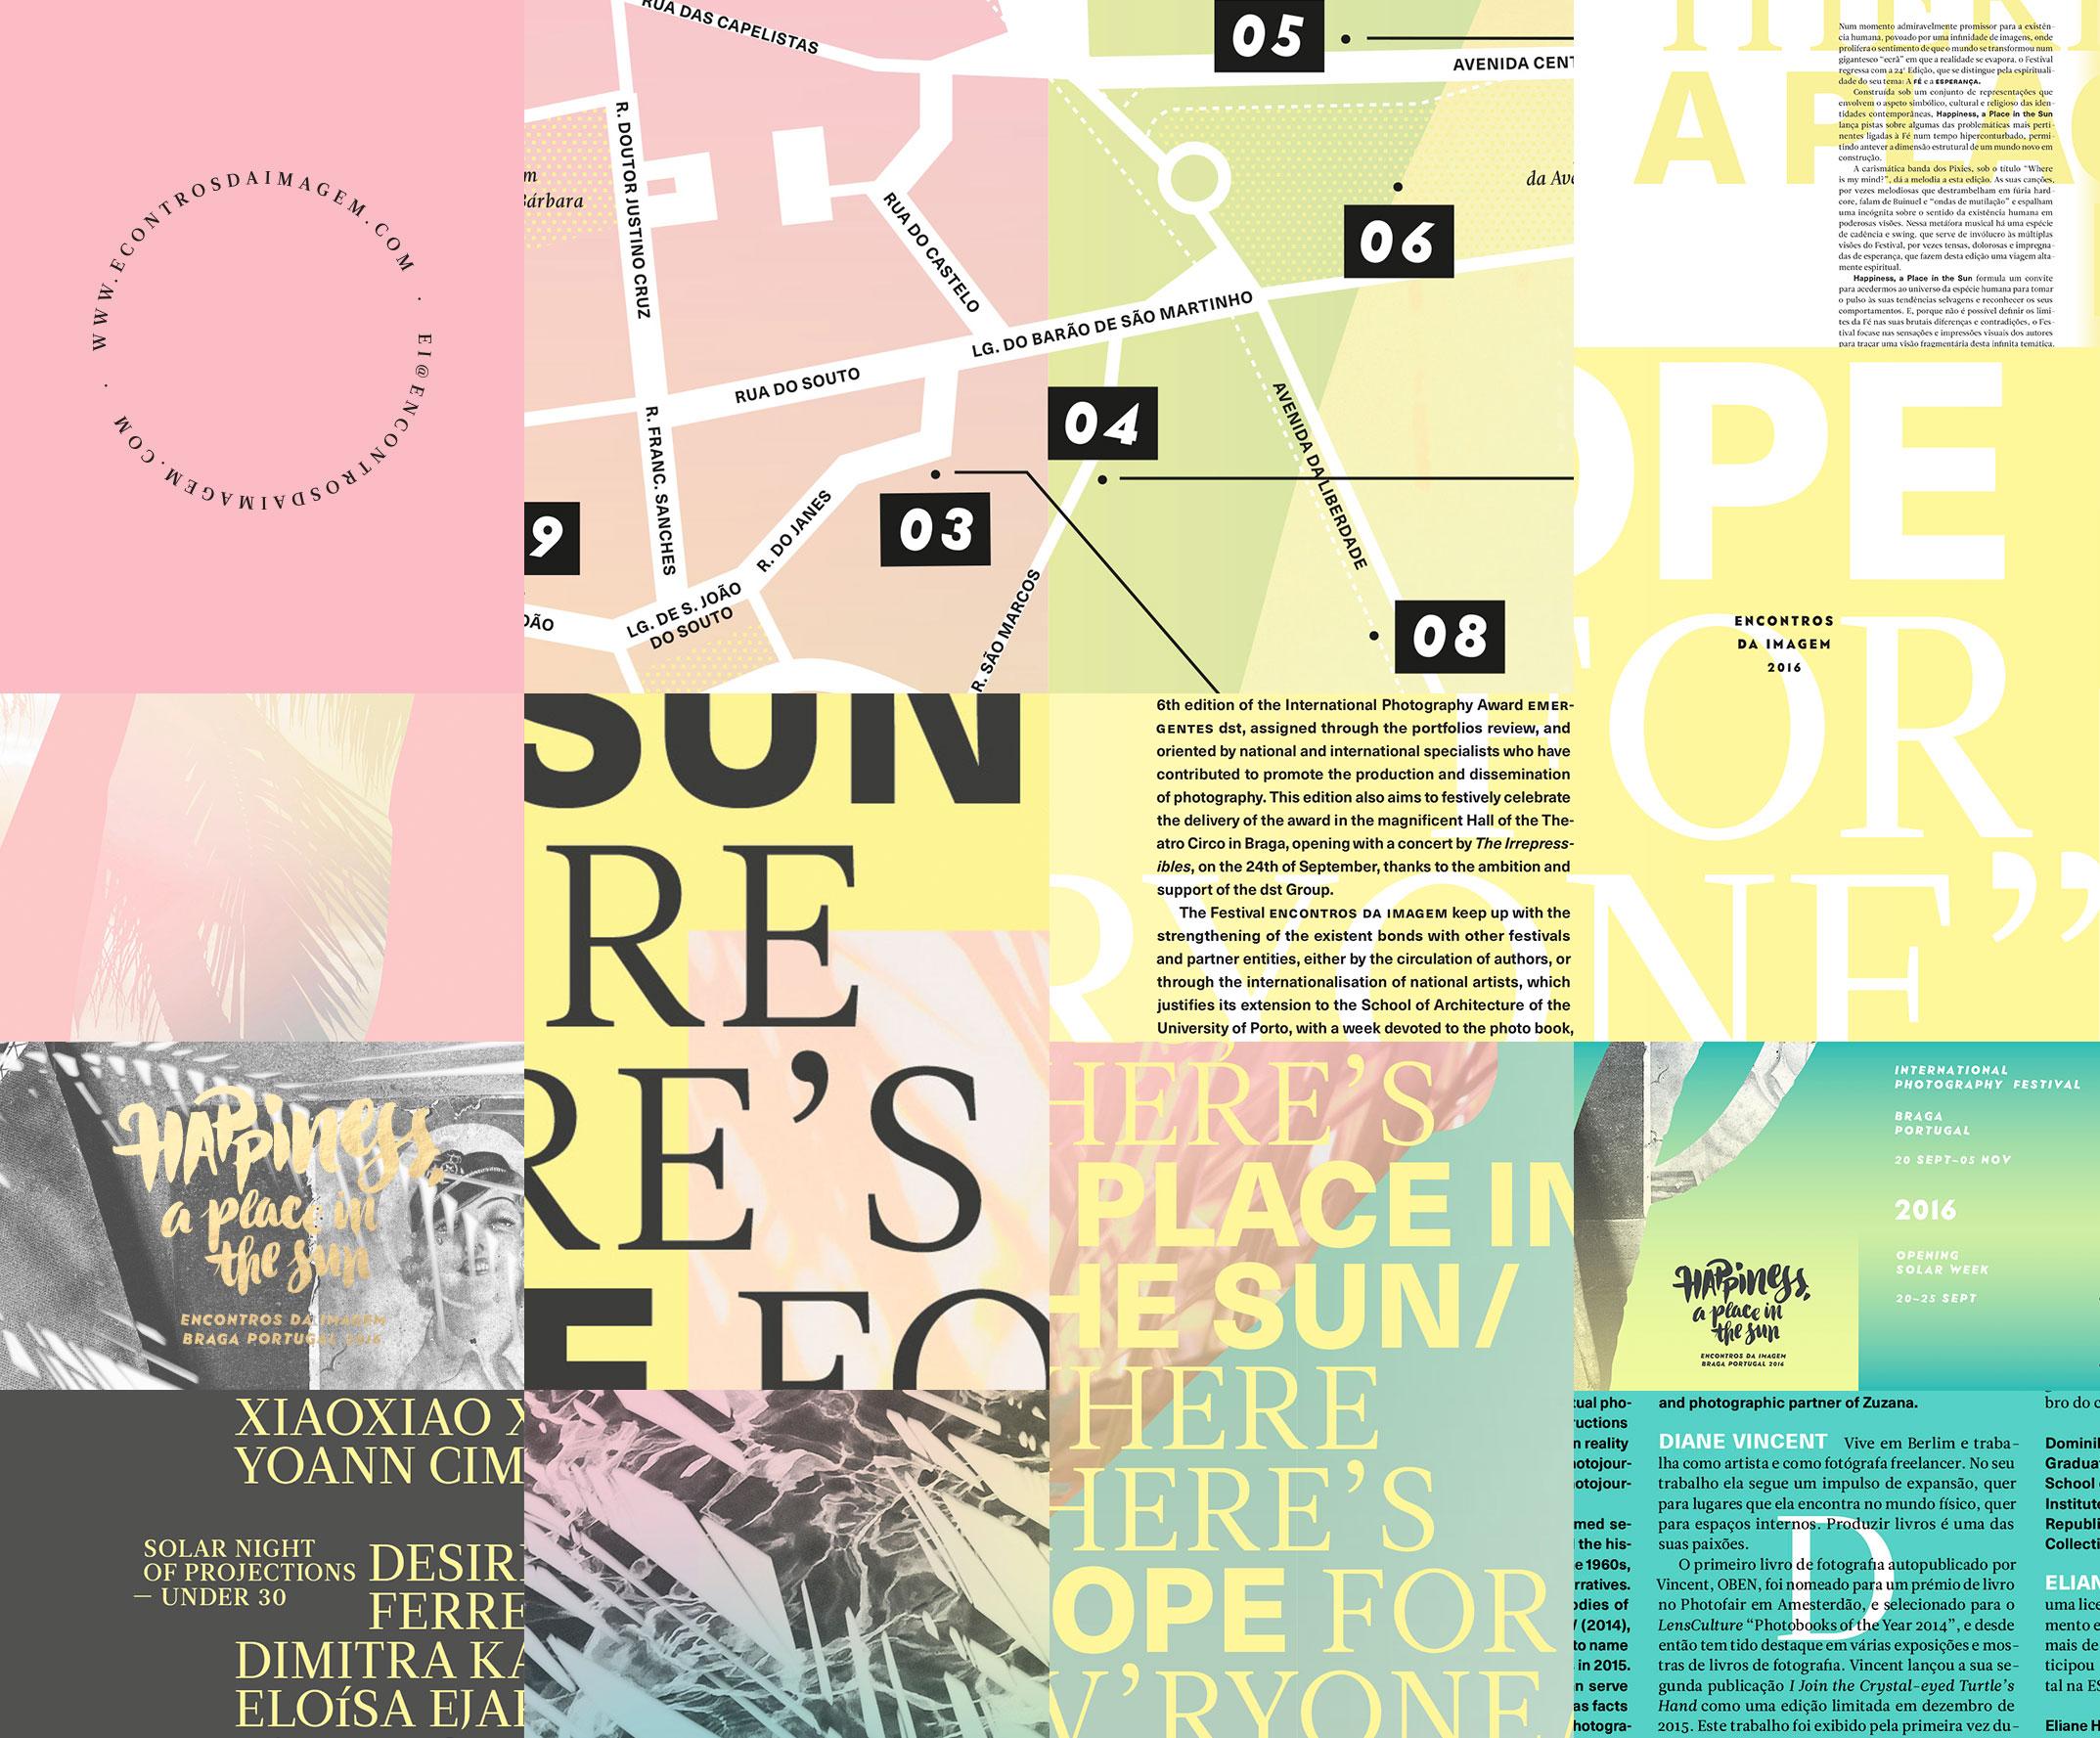 Encontros da Imagem 2016 — event identity by Gen Design Studio